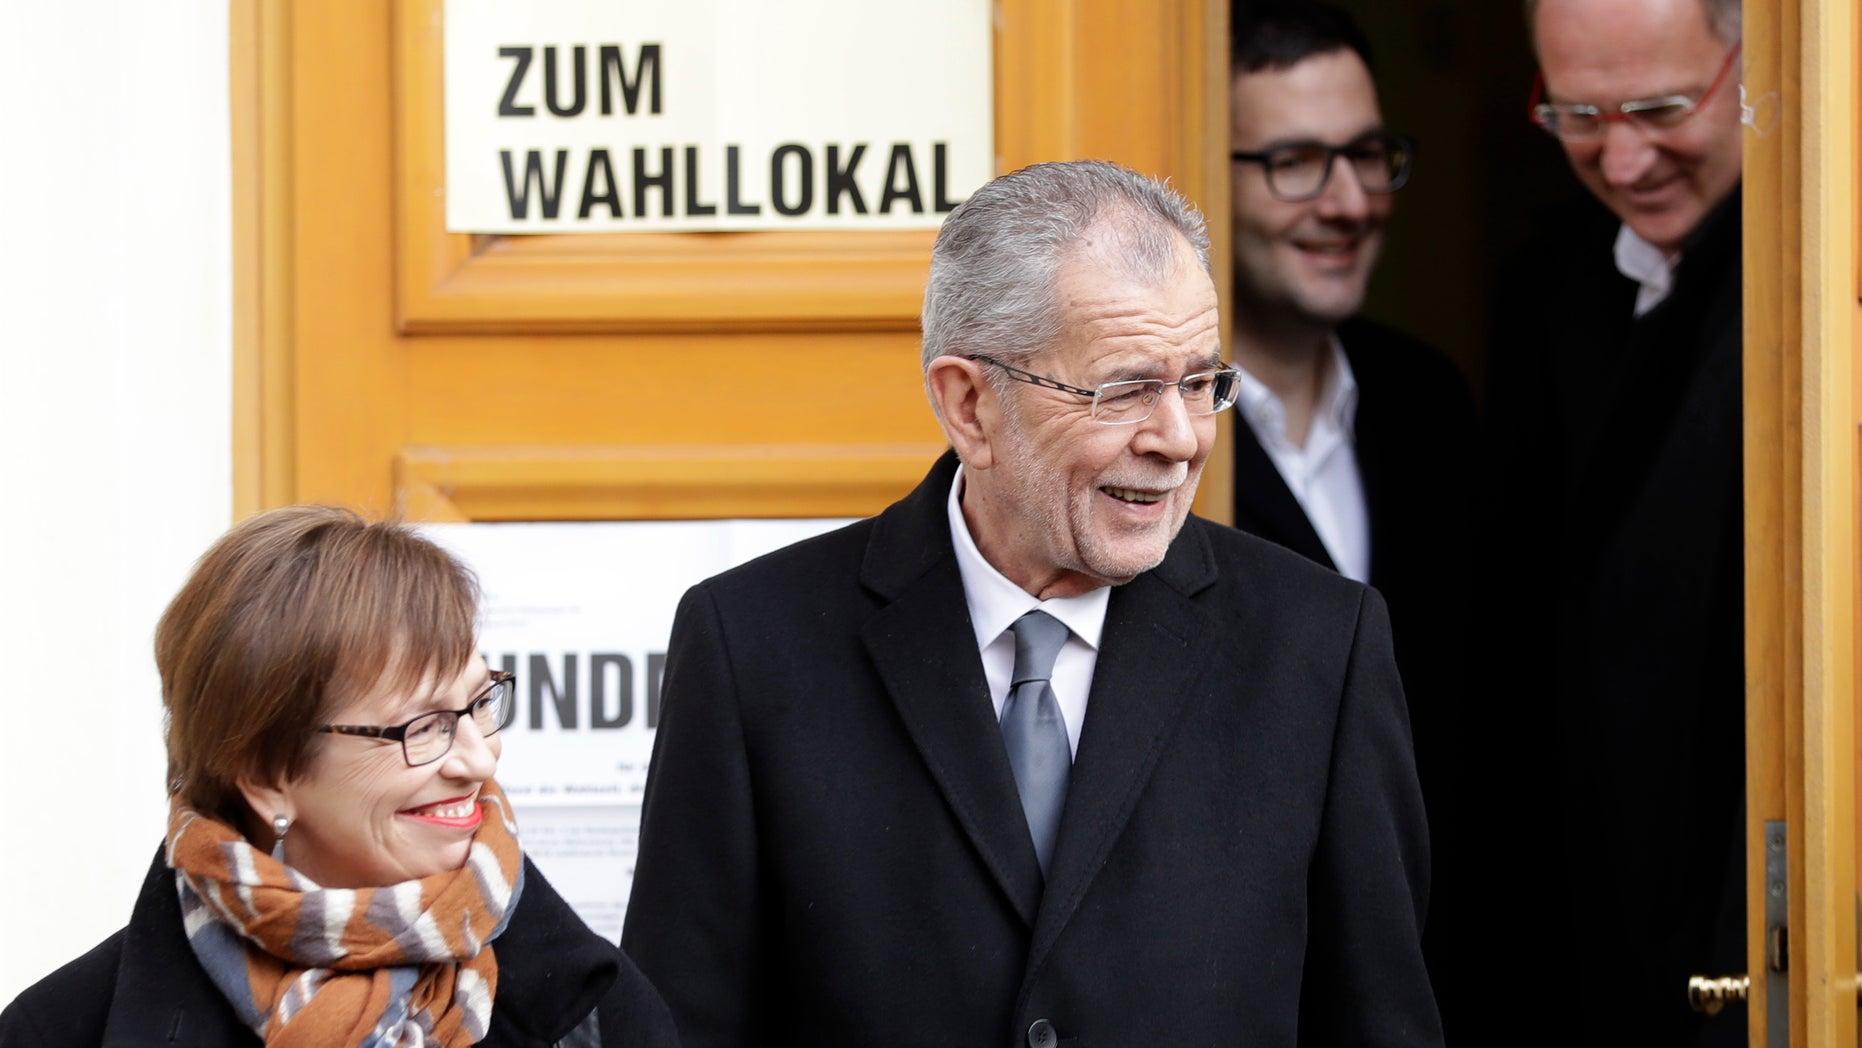 Alexander Van der Bellen leaves a polling station in Vienna on Sunday.